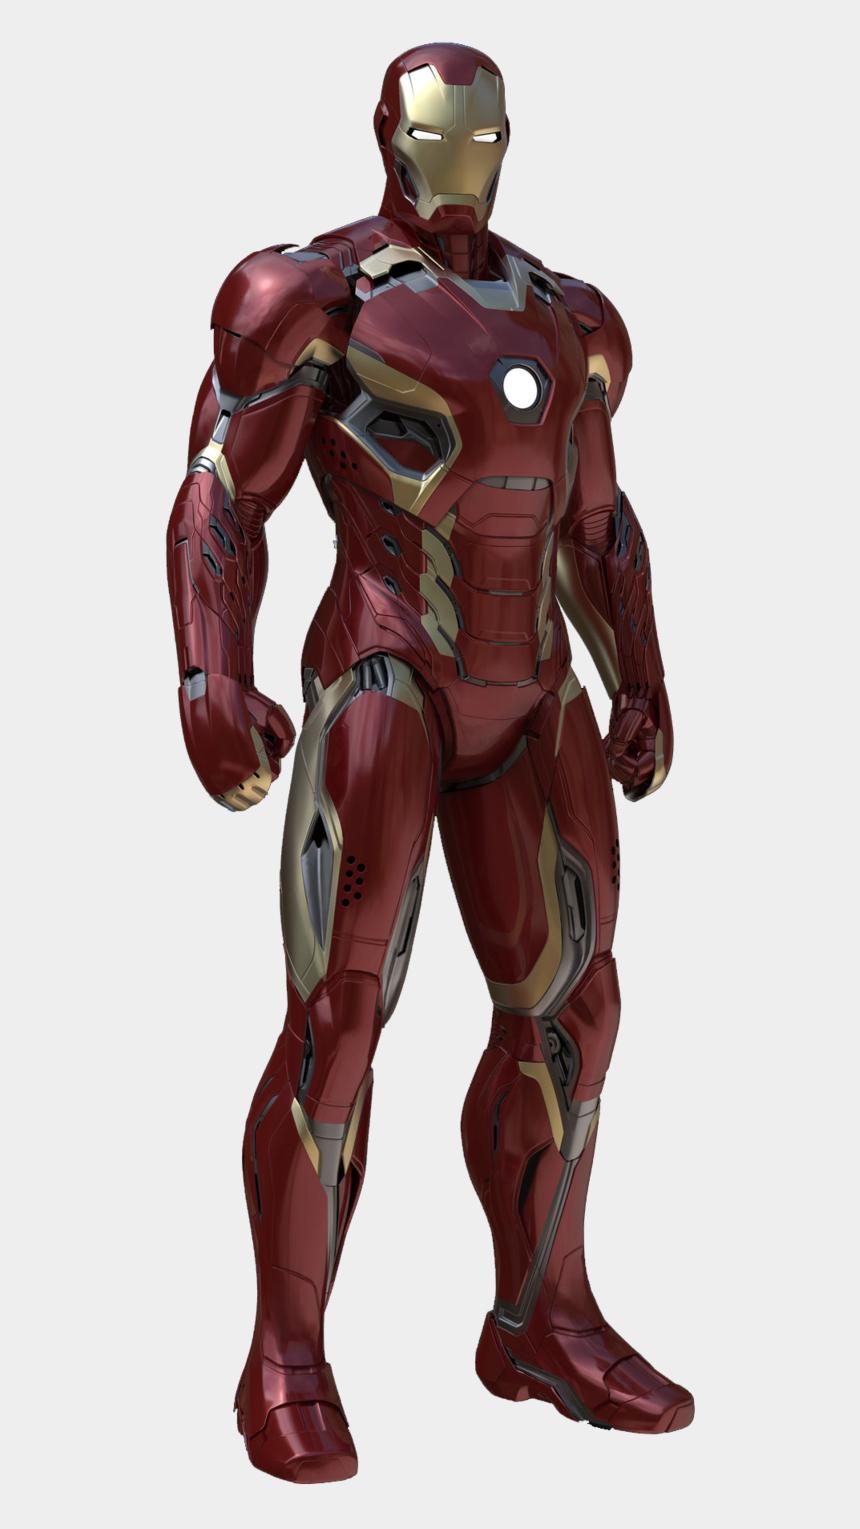 iron man mask clipart, Cartoons - Transparent Iron Man Png - Iron Man Full Body